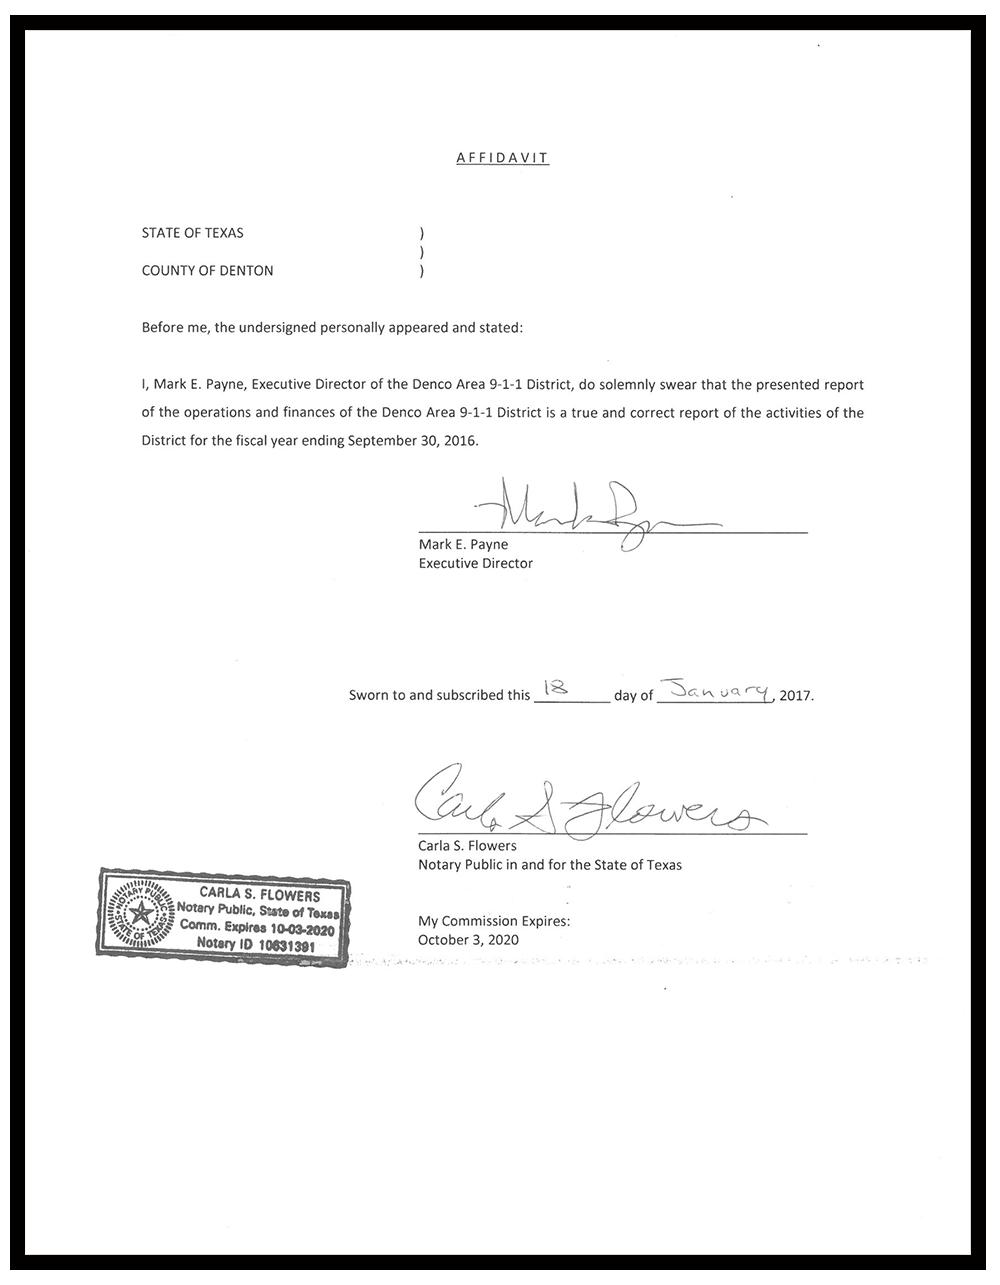 2016-affidavit